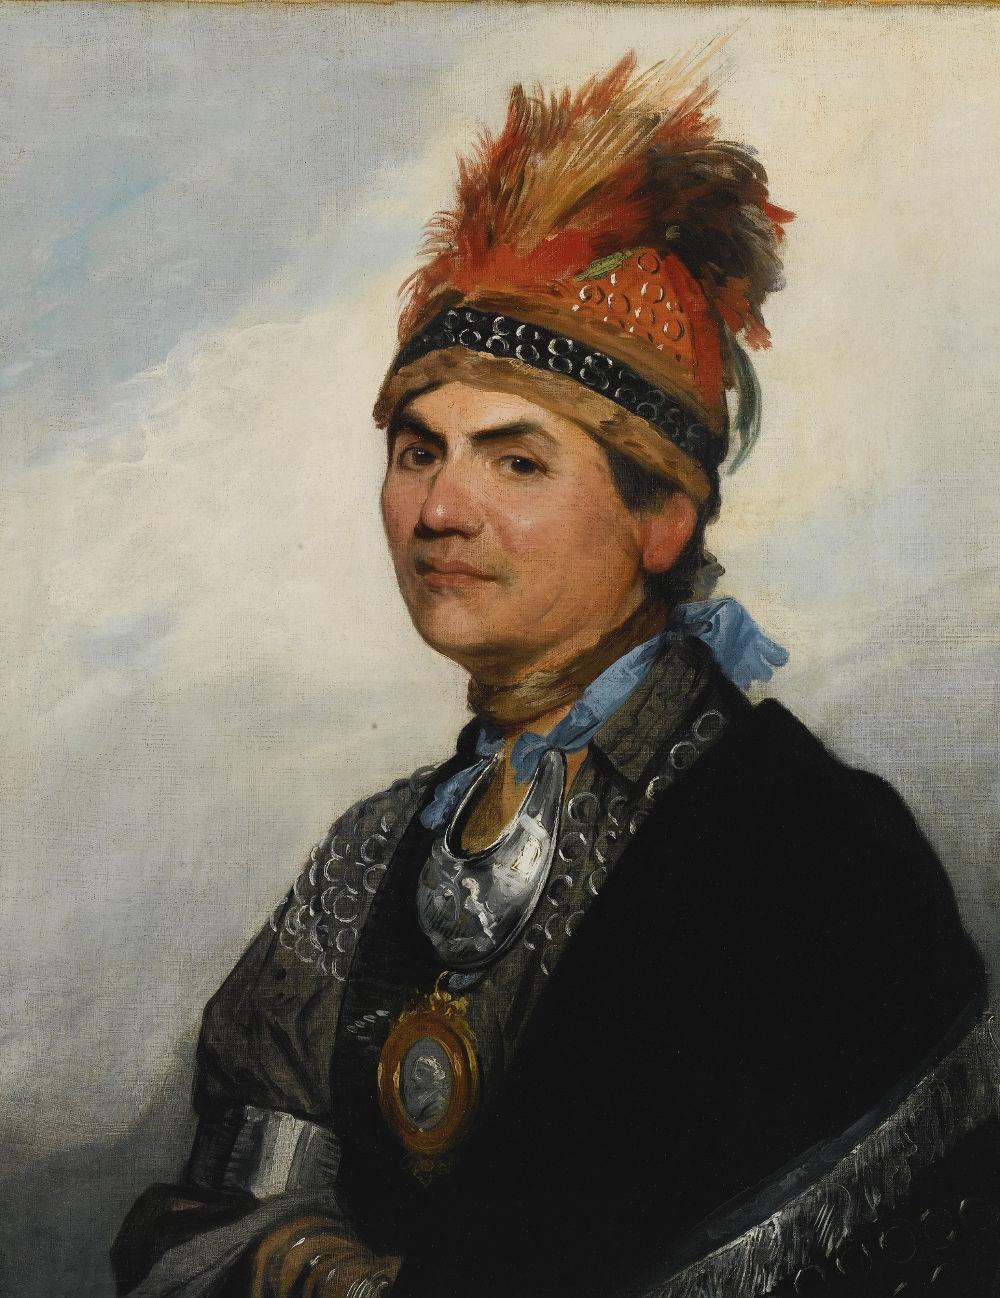 Portrait of Joseph Brant by Gilbert Stuart, 1786